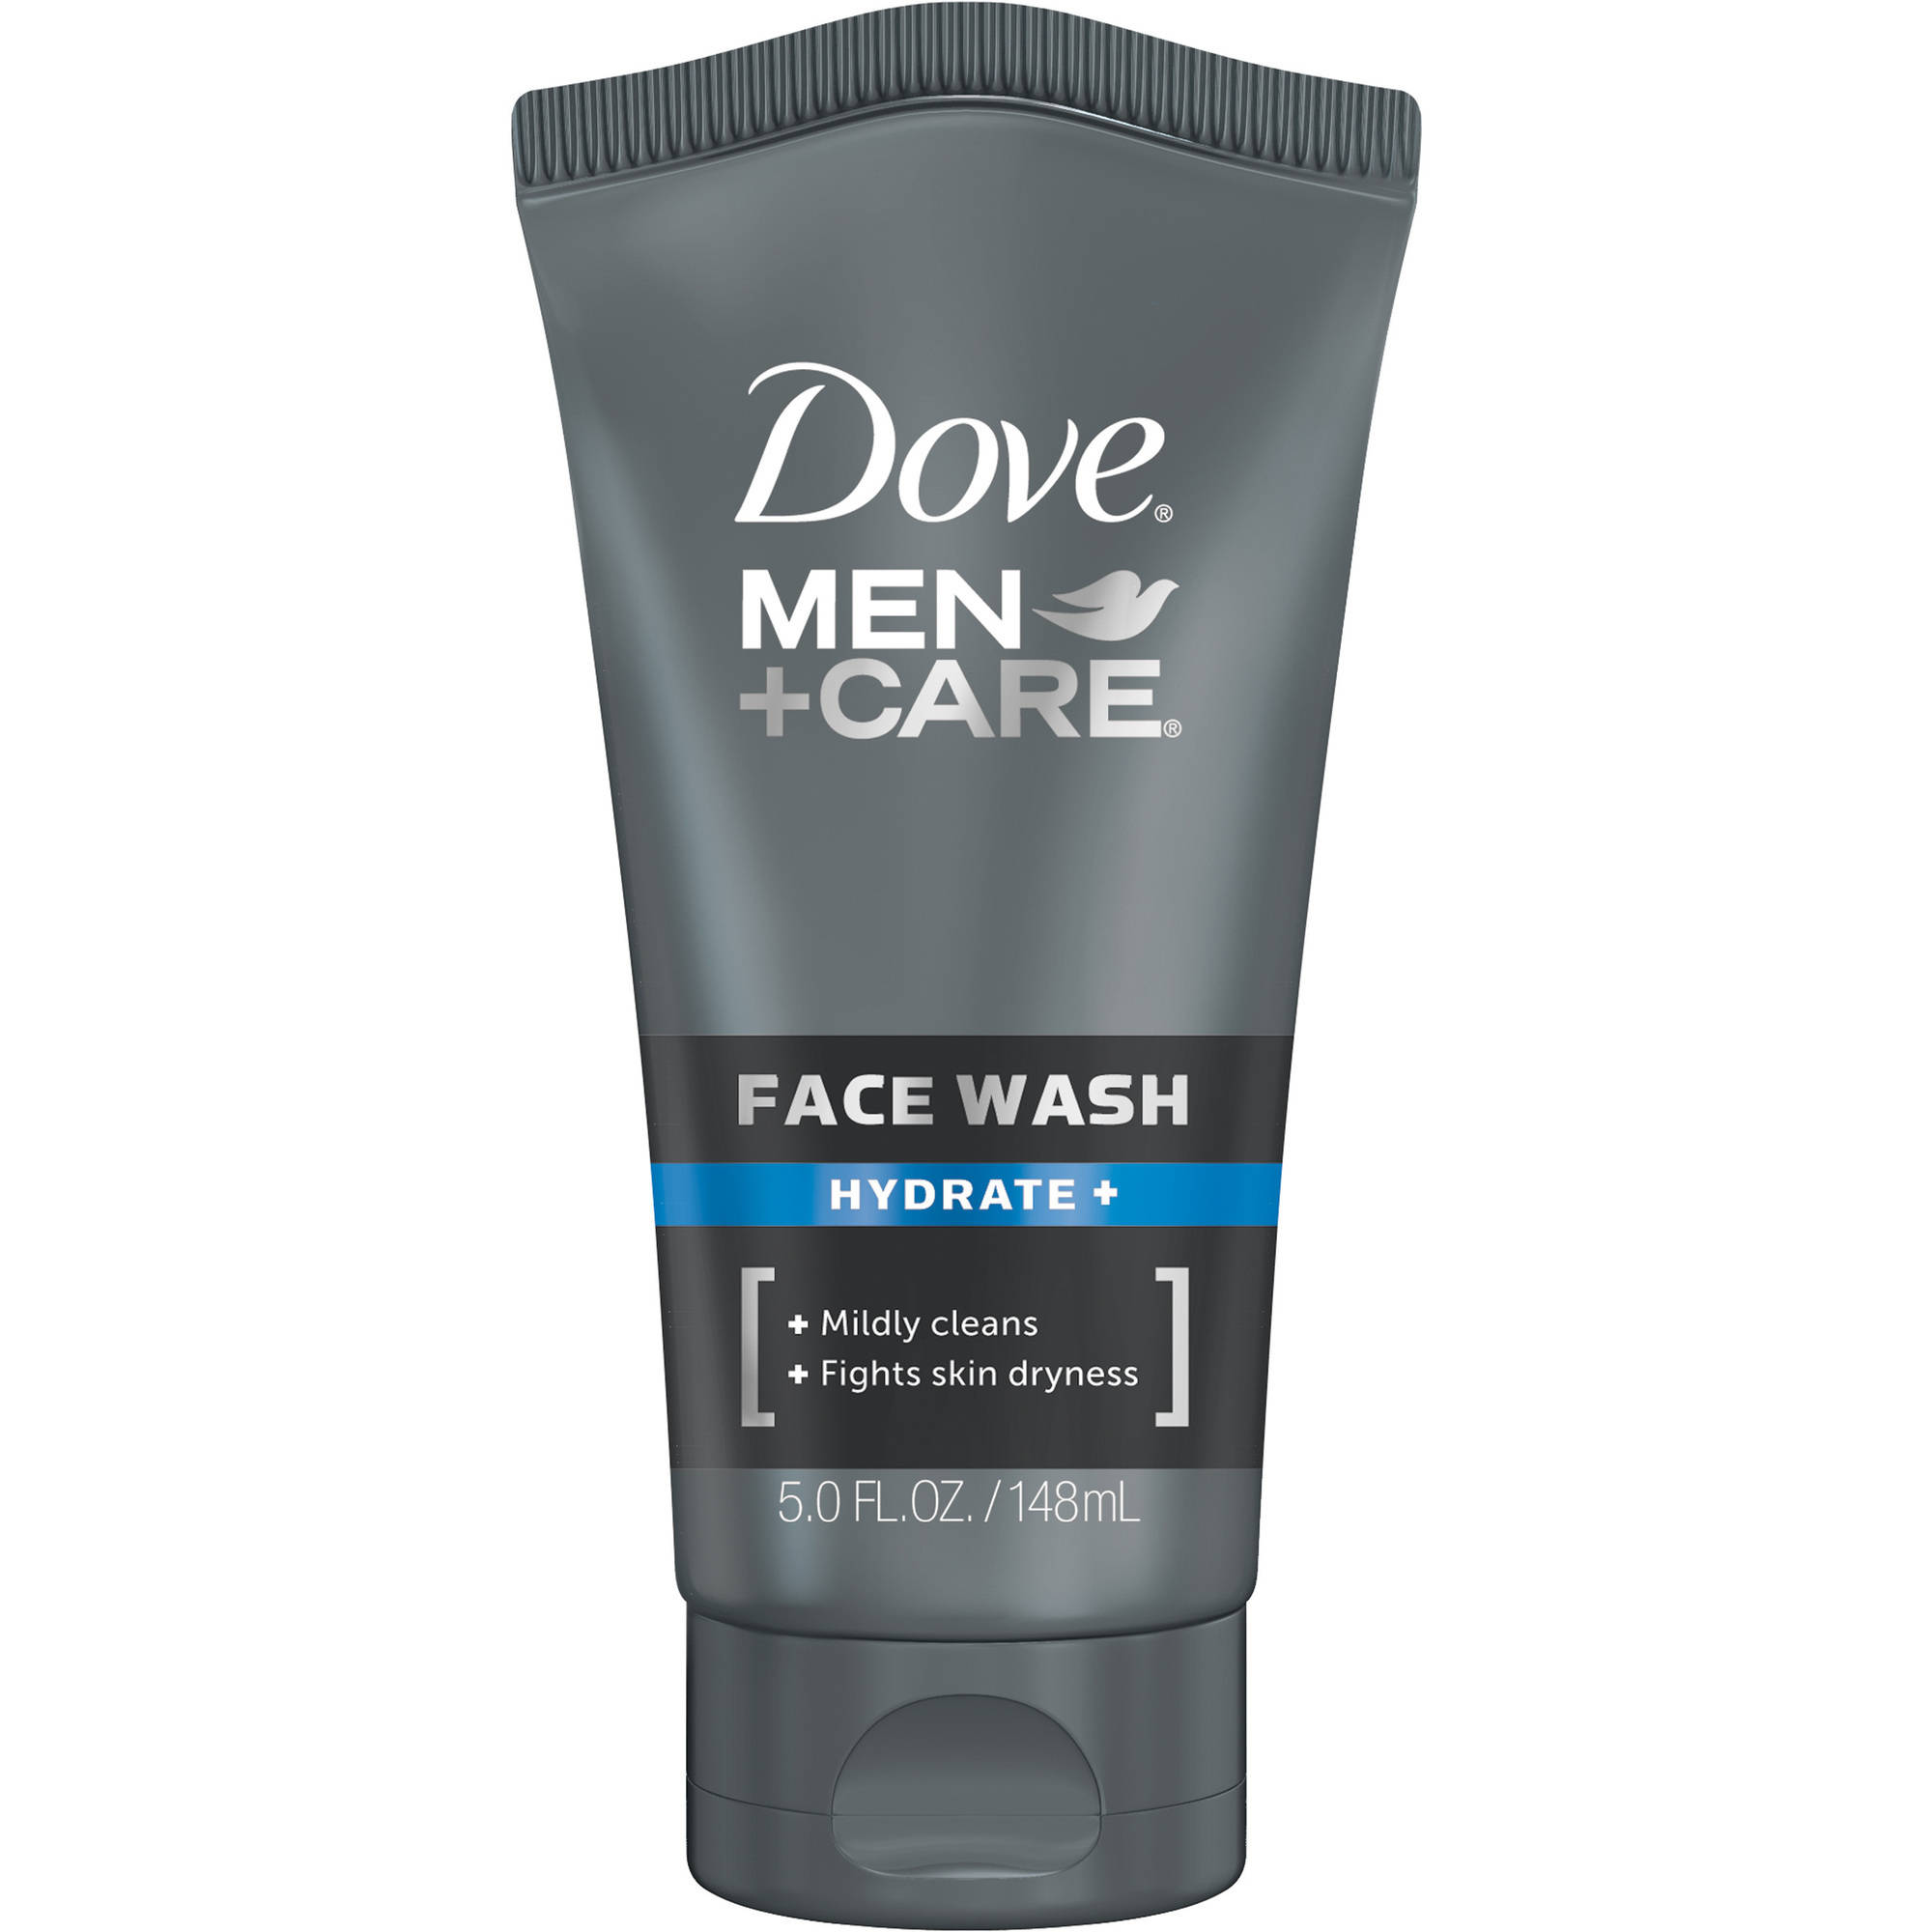 Dove Men+Care Hydrate+ Face Wash, 5 oz